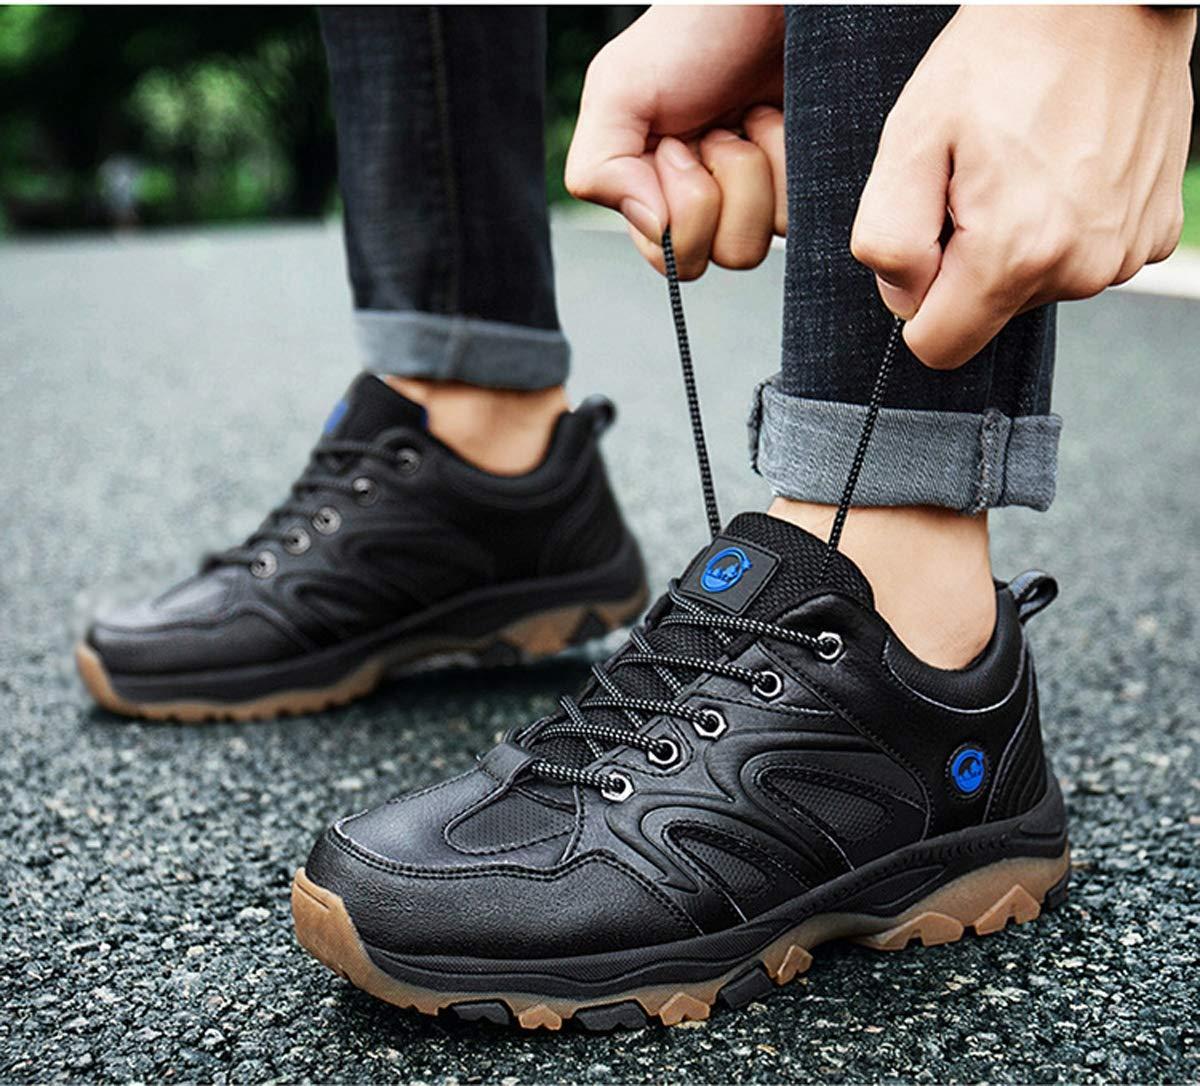 Adong Mens Wanderschuhe Kletterschuhe Training Stiefel Niederterrasse Schuhe Wasserdichte Wasserdichte Wasserdichte Schuhe Schnürchen,schwarz,41EU e8b754